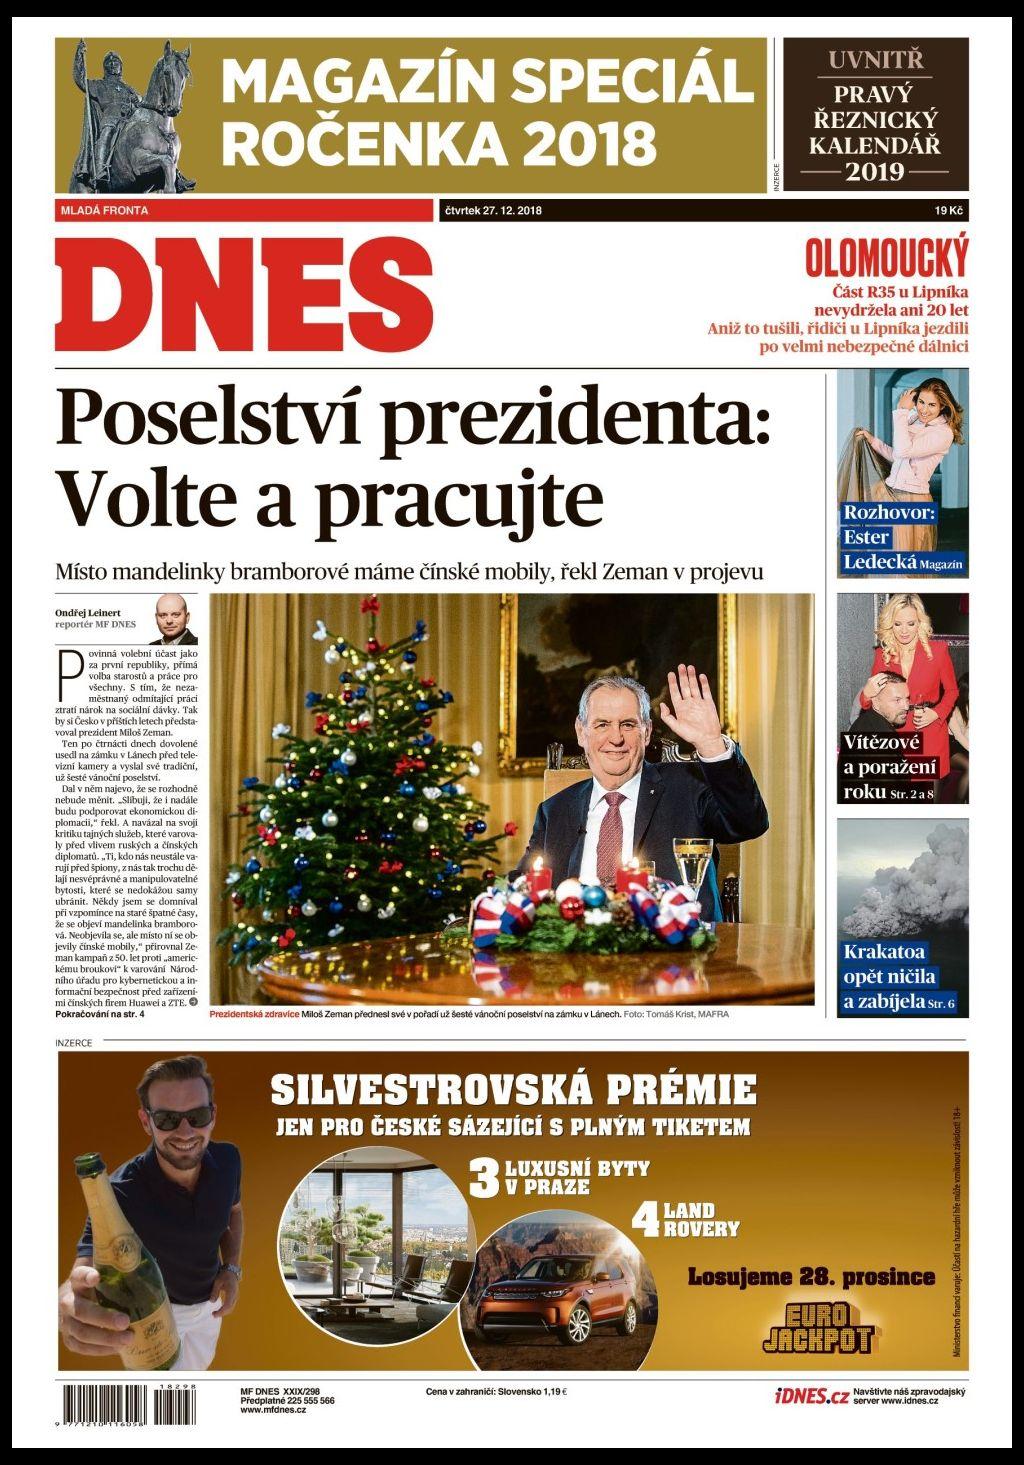 titulní strana MF Dnes 27.12.2018